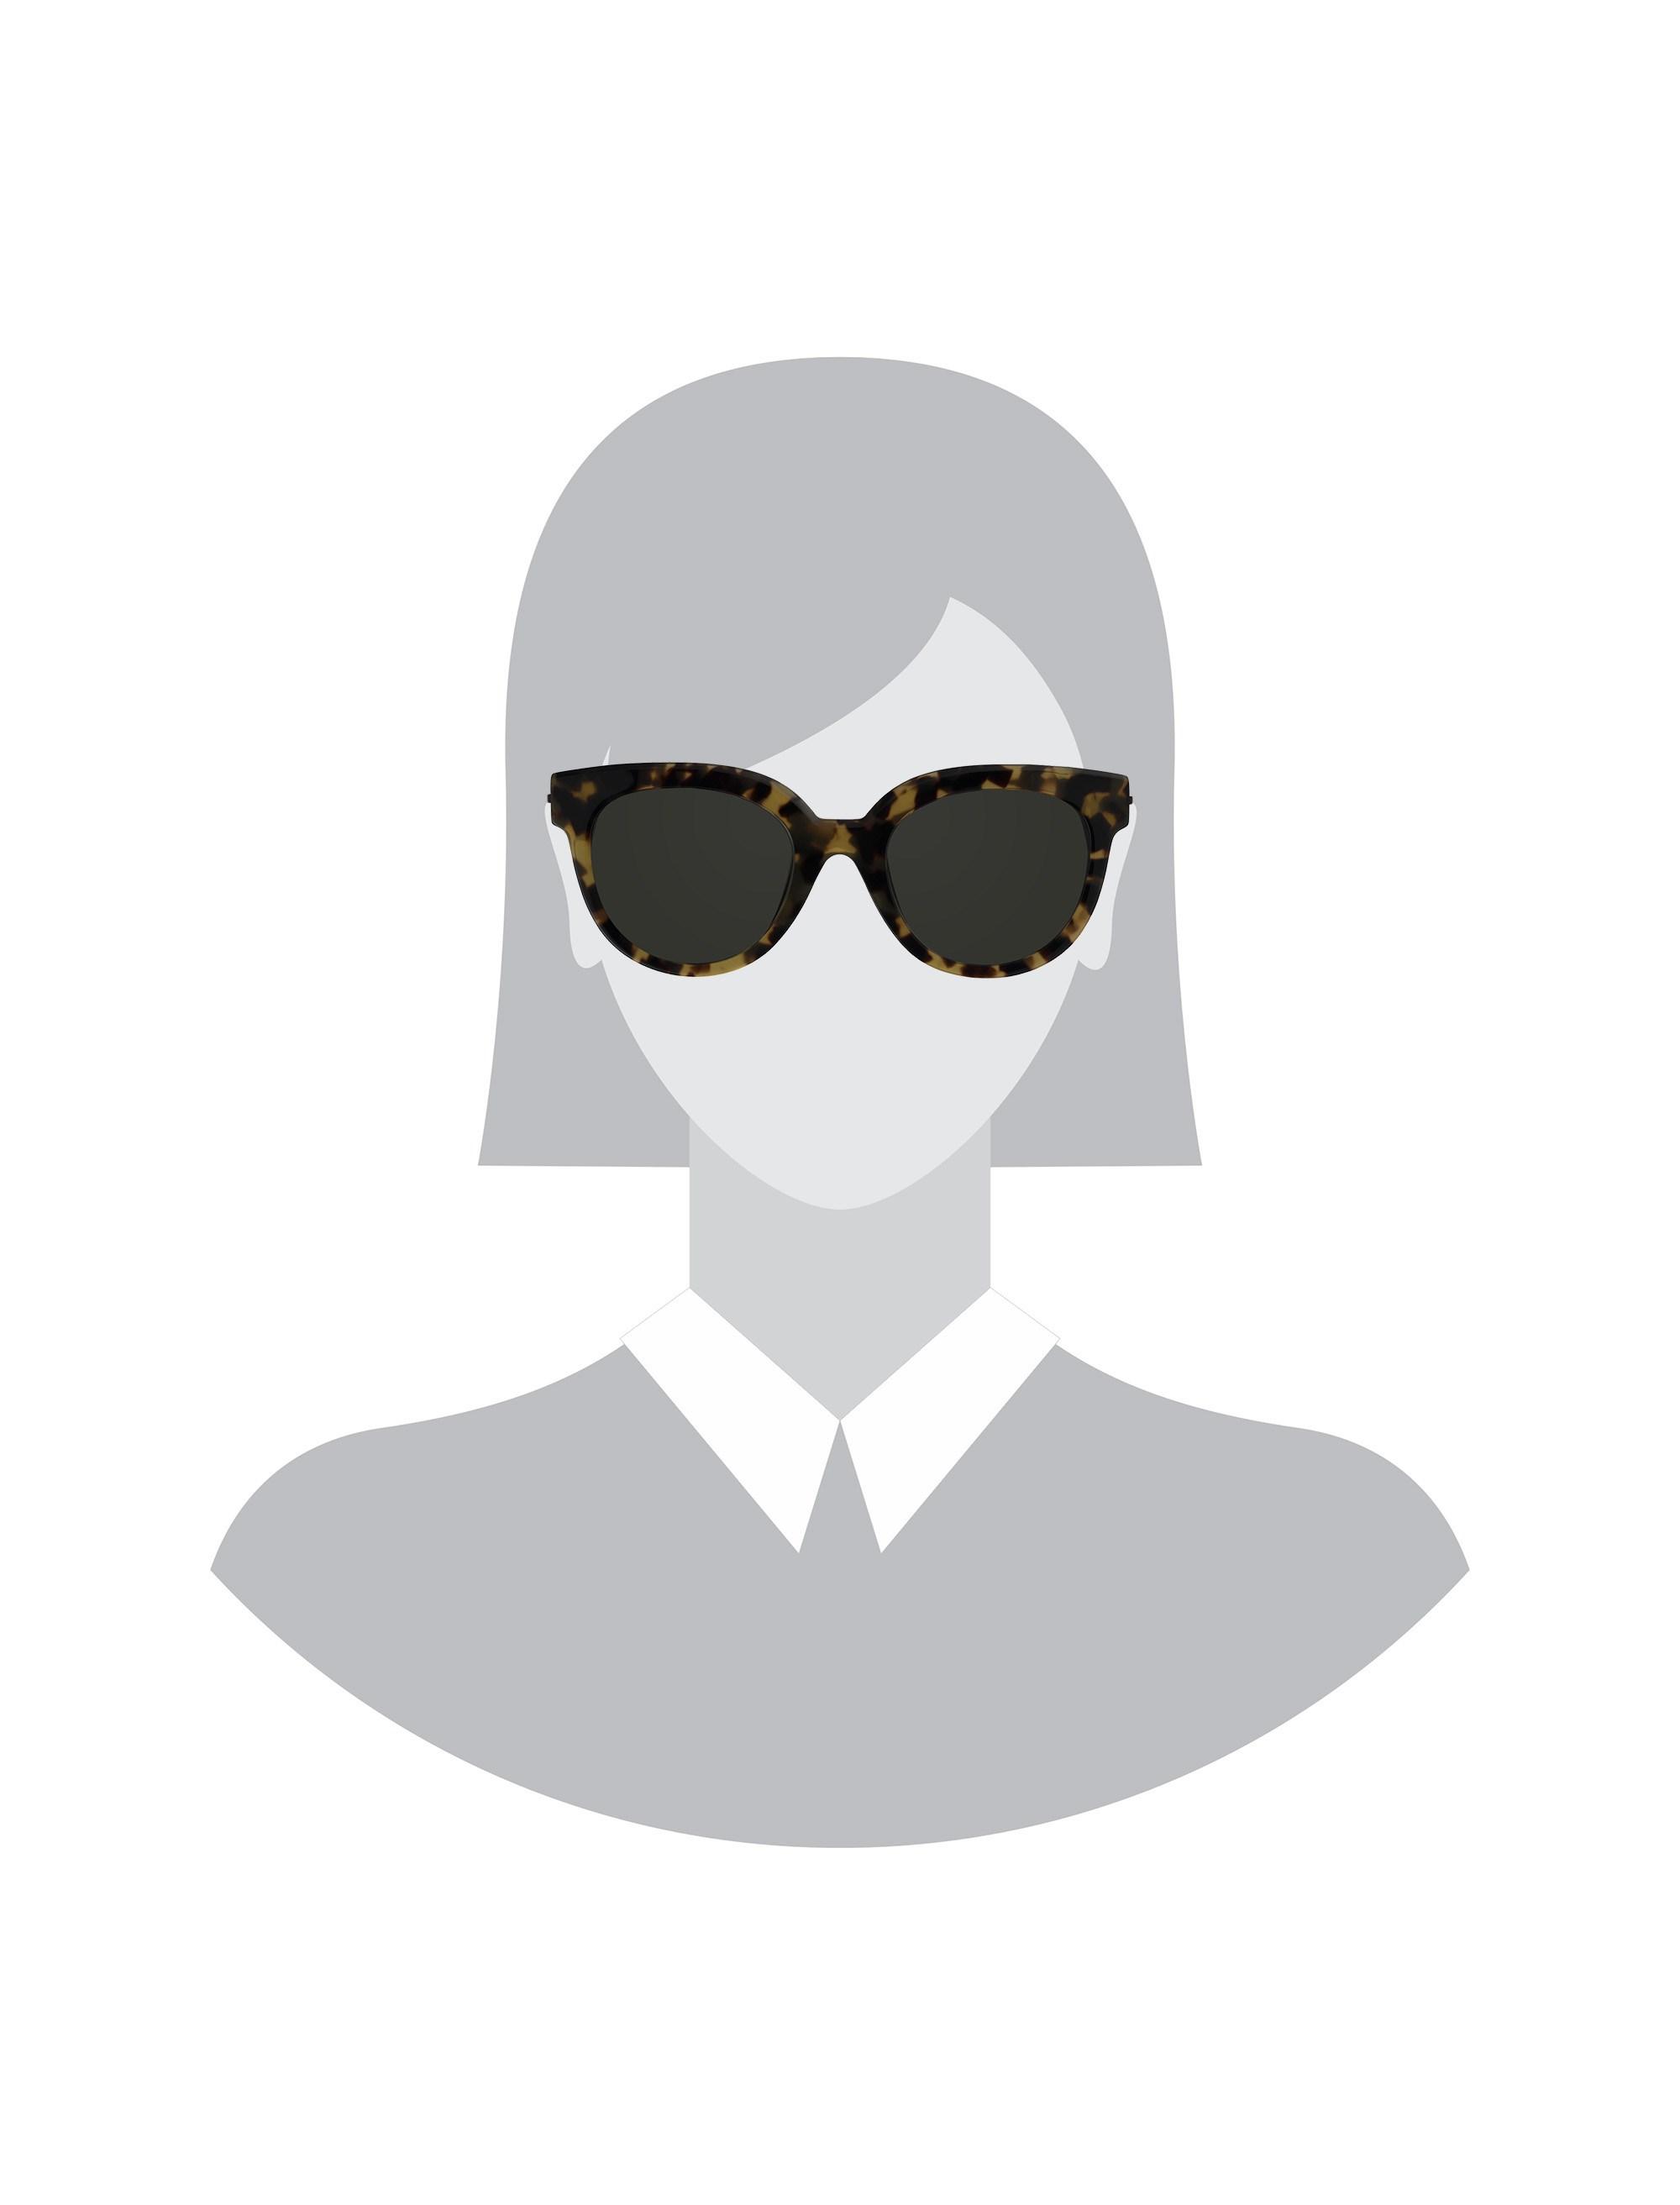 عینک آفتابی گربه ای زنانه - ساندرو - قهوه اي       - 5